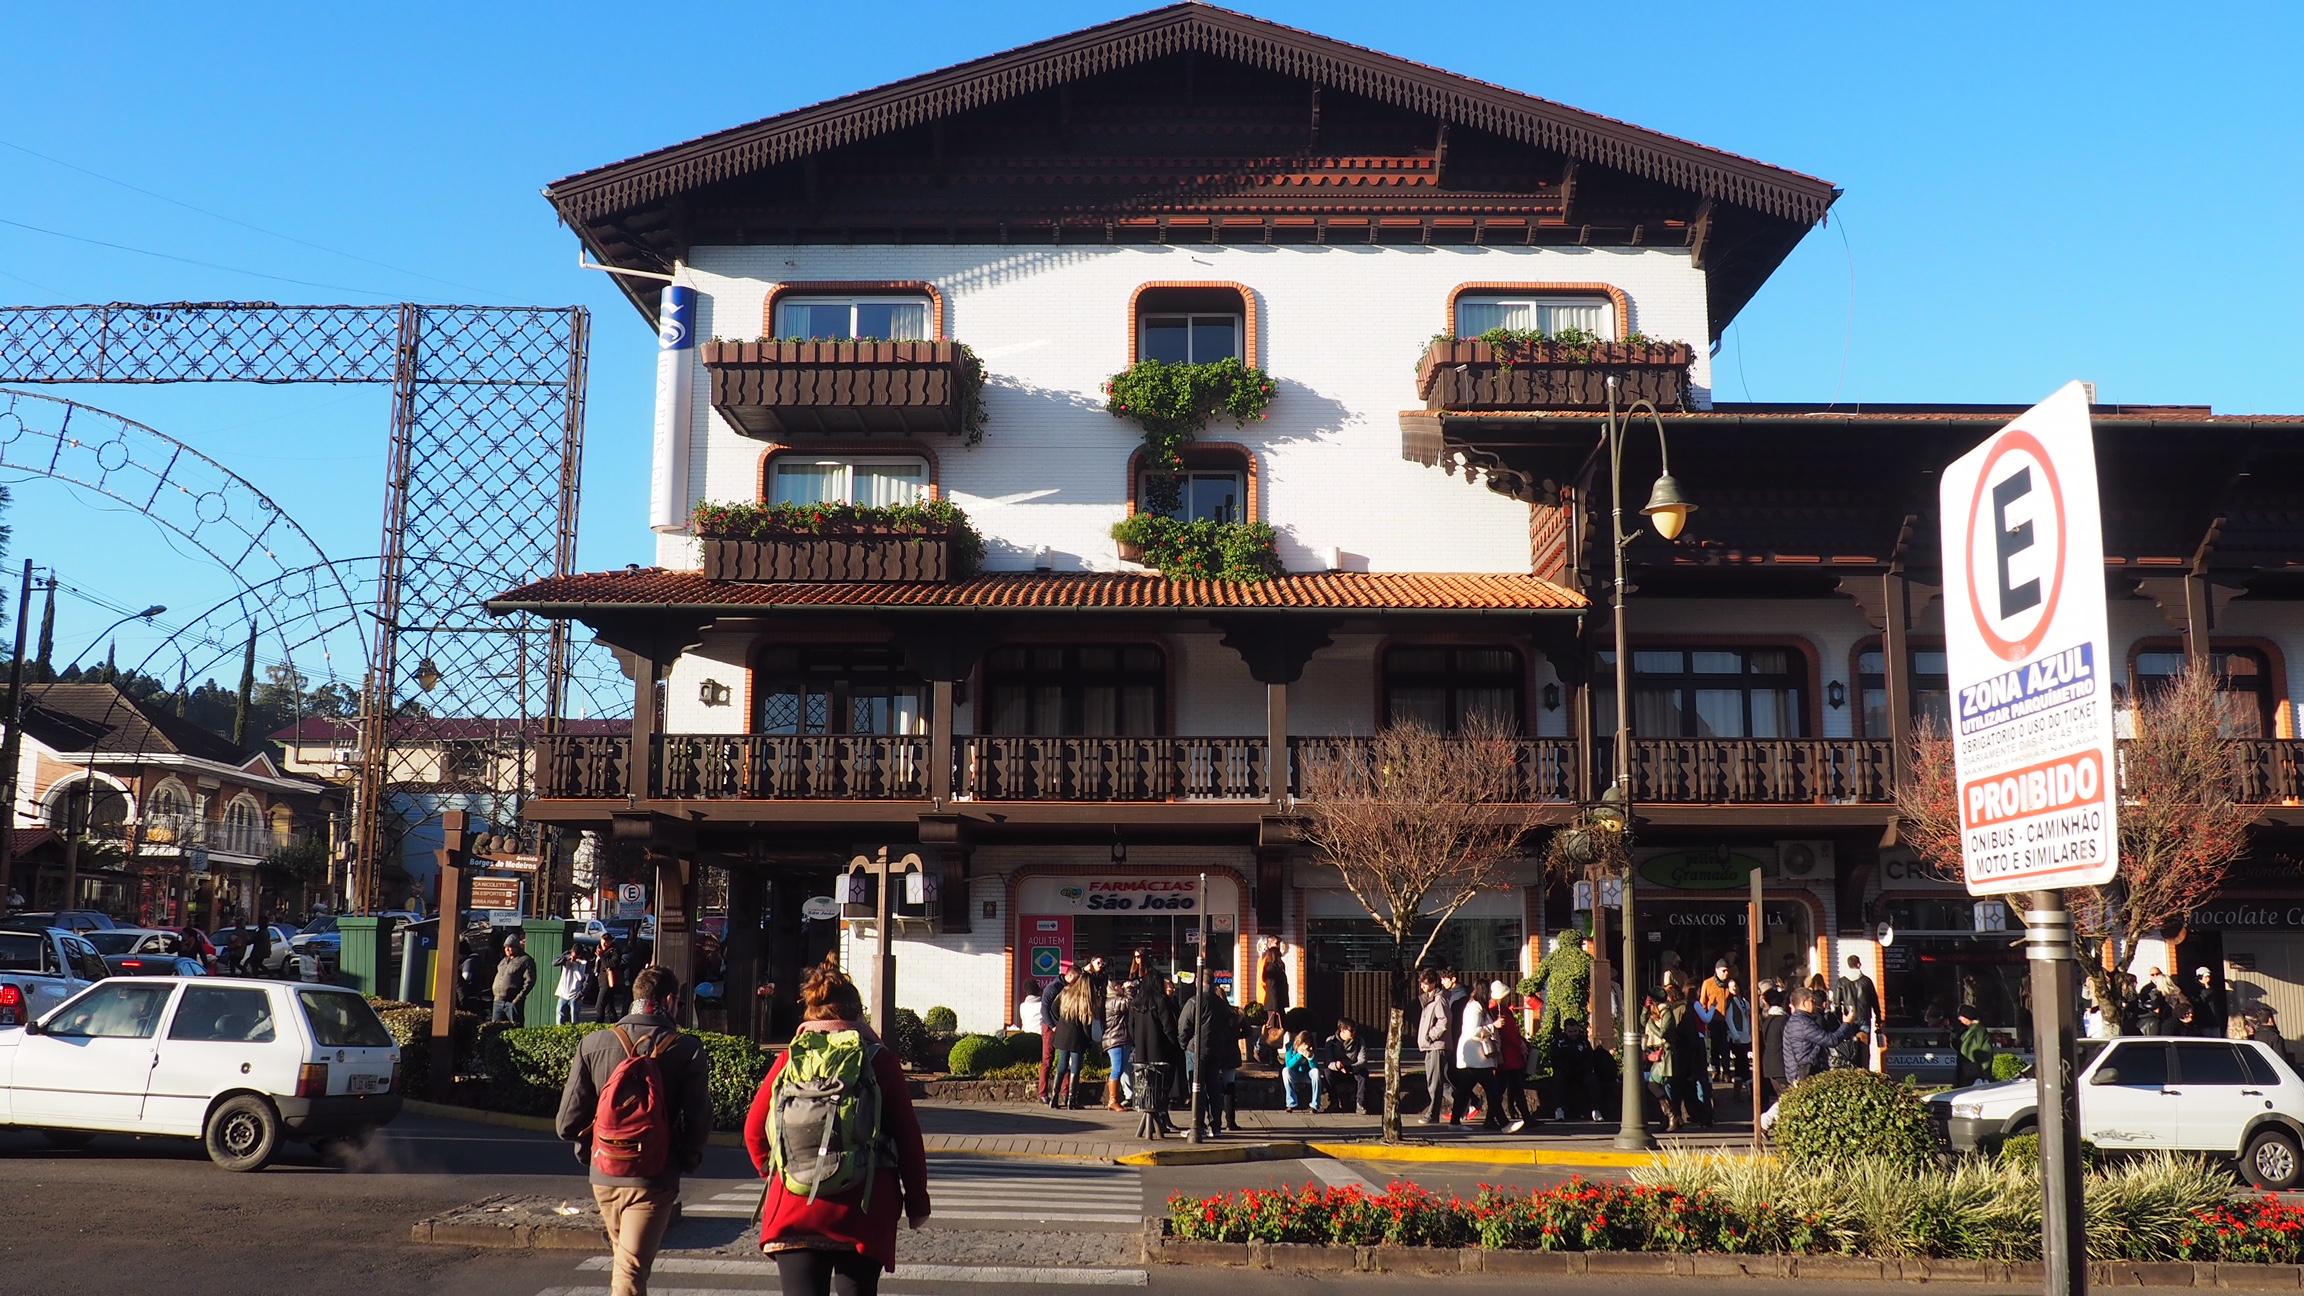 Foto del Alojamiento en Gramado, concretamente el Hotel Serra Azul